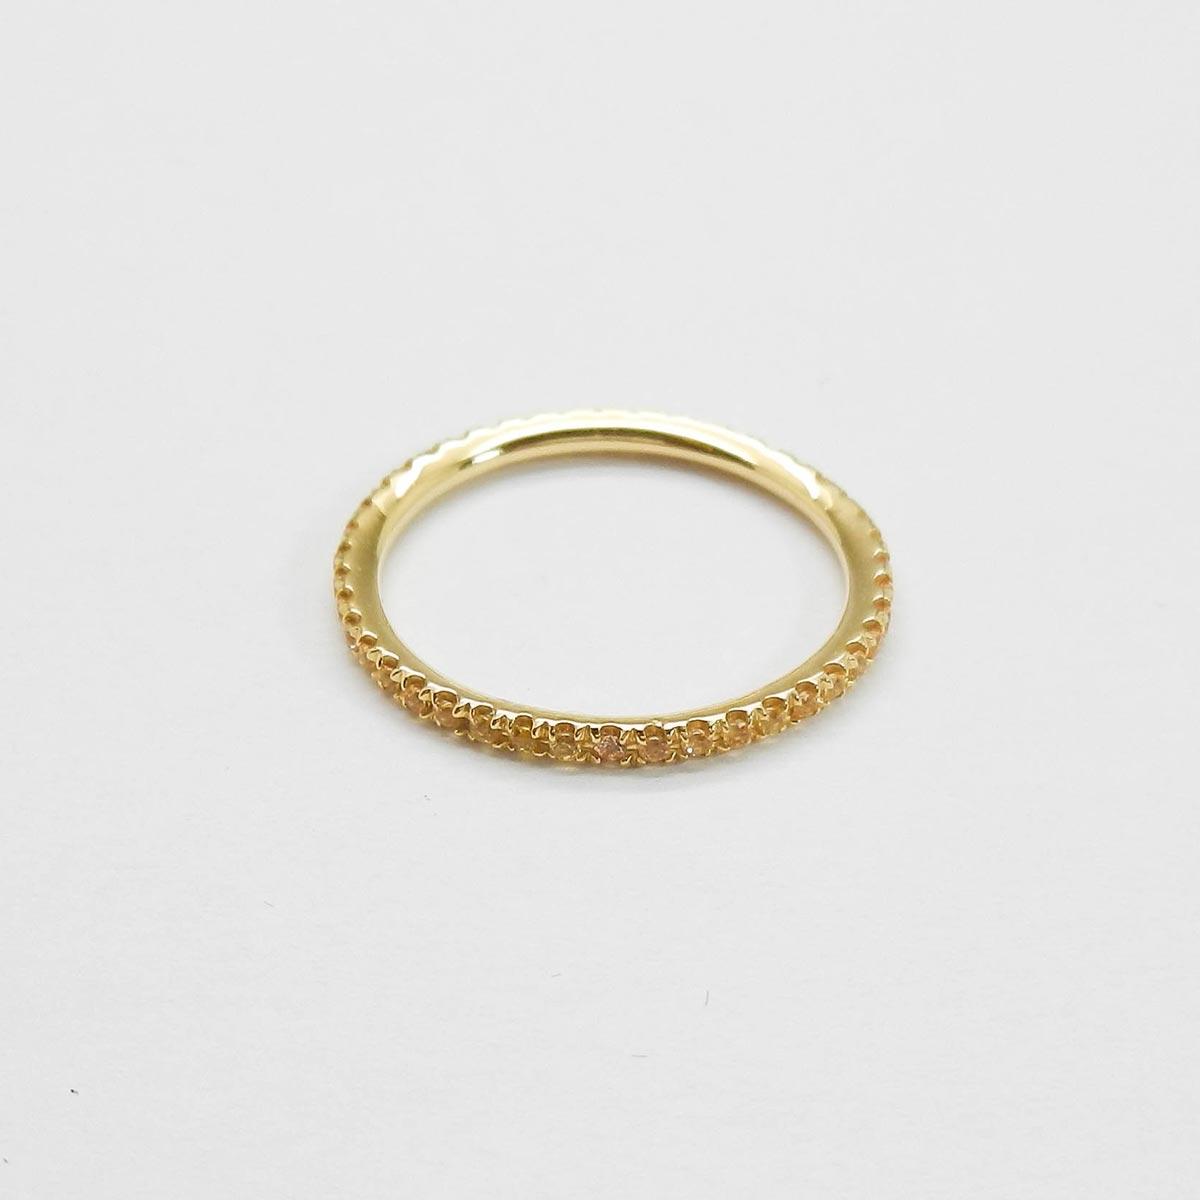 il-marchese-diamonds-diamanti-gioielli-artigianali-anello-fidanzamento-zaffiro-zaffiri-oro-giallo-1